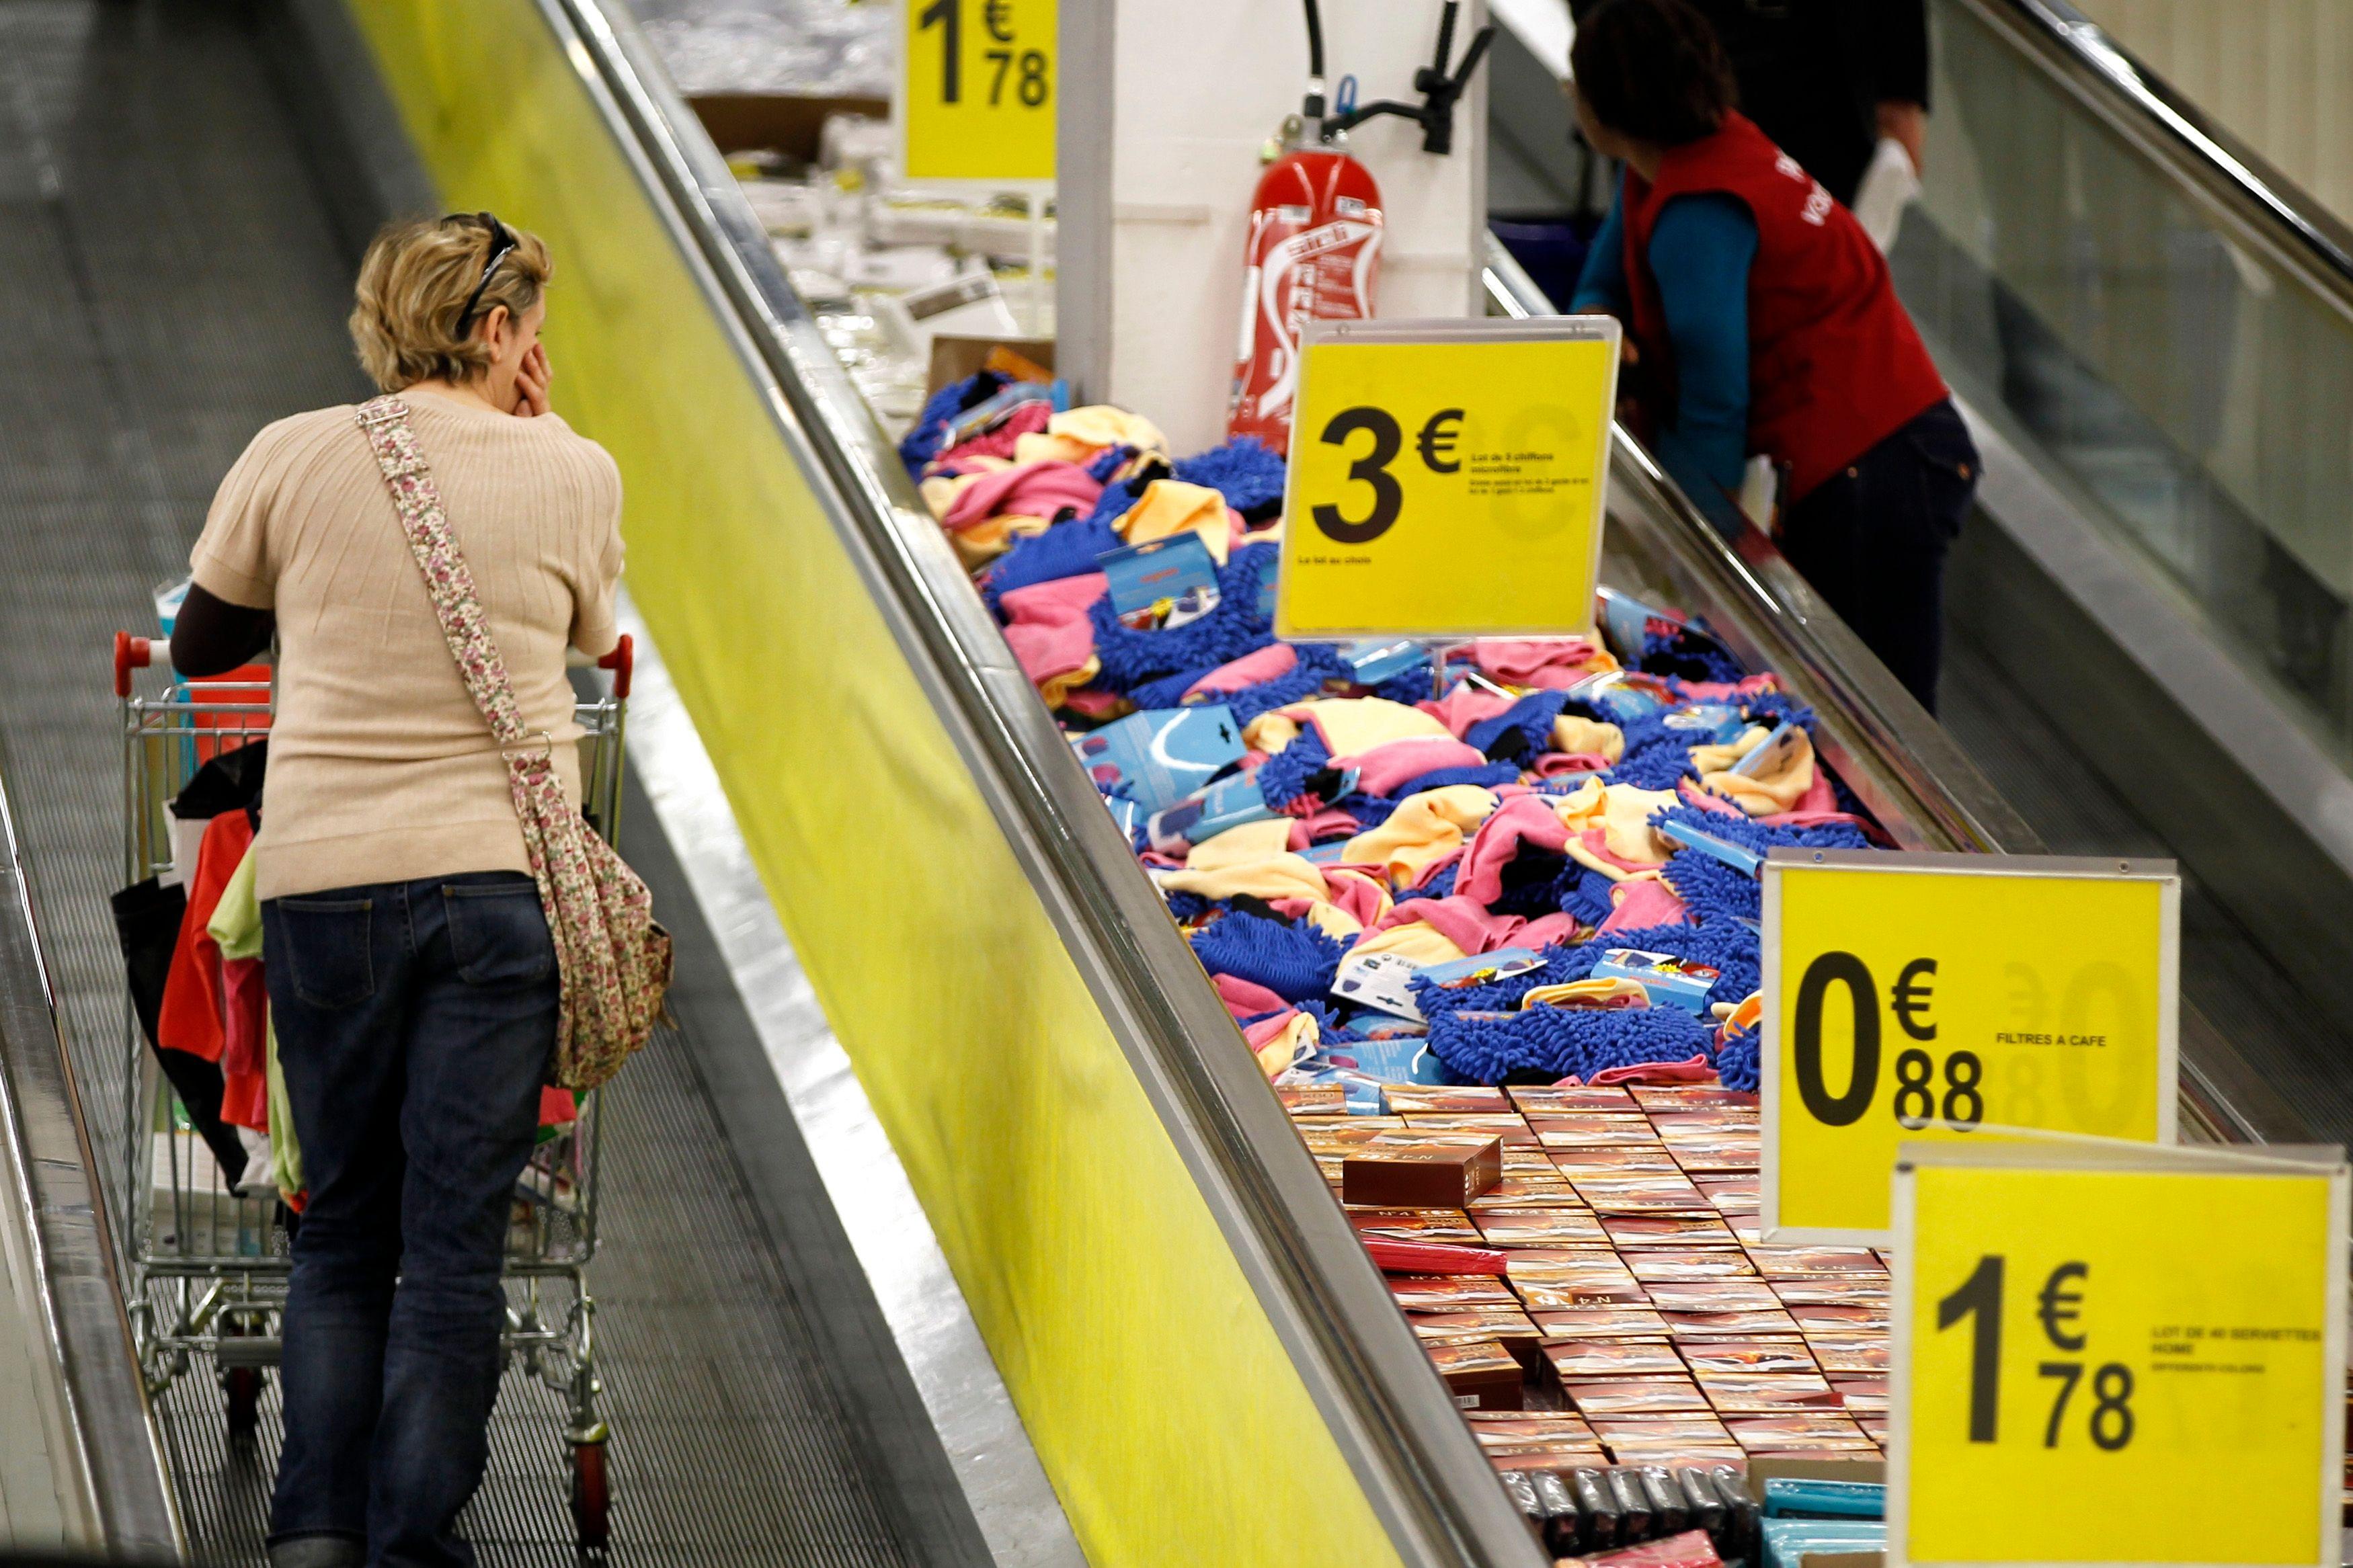 L'indice des prix à la consommation (IPC) a baissé de 0,6% en décembre 2013.